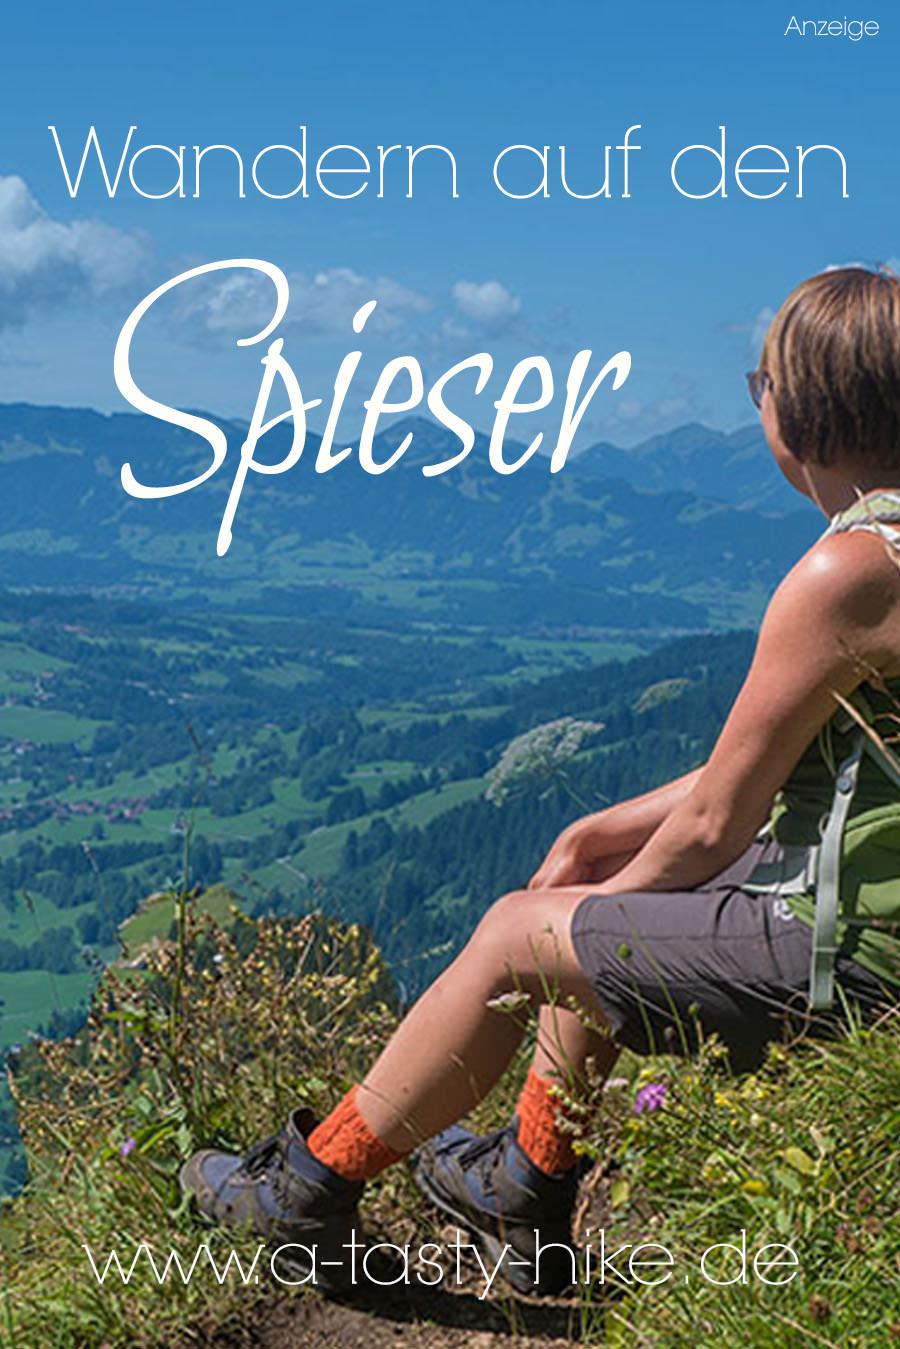 Oberjoch Wandern - Wanderung zum Spieser - Pinterest